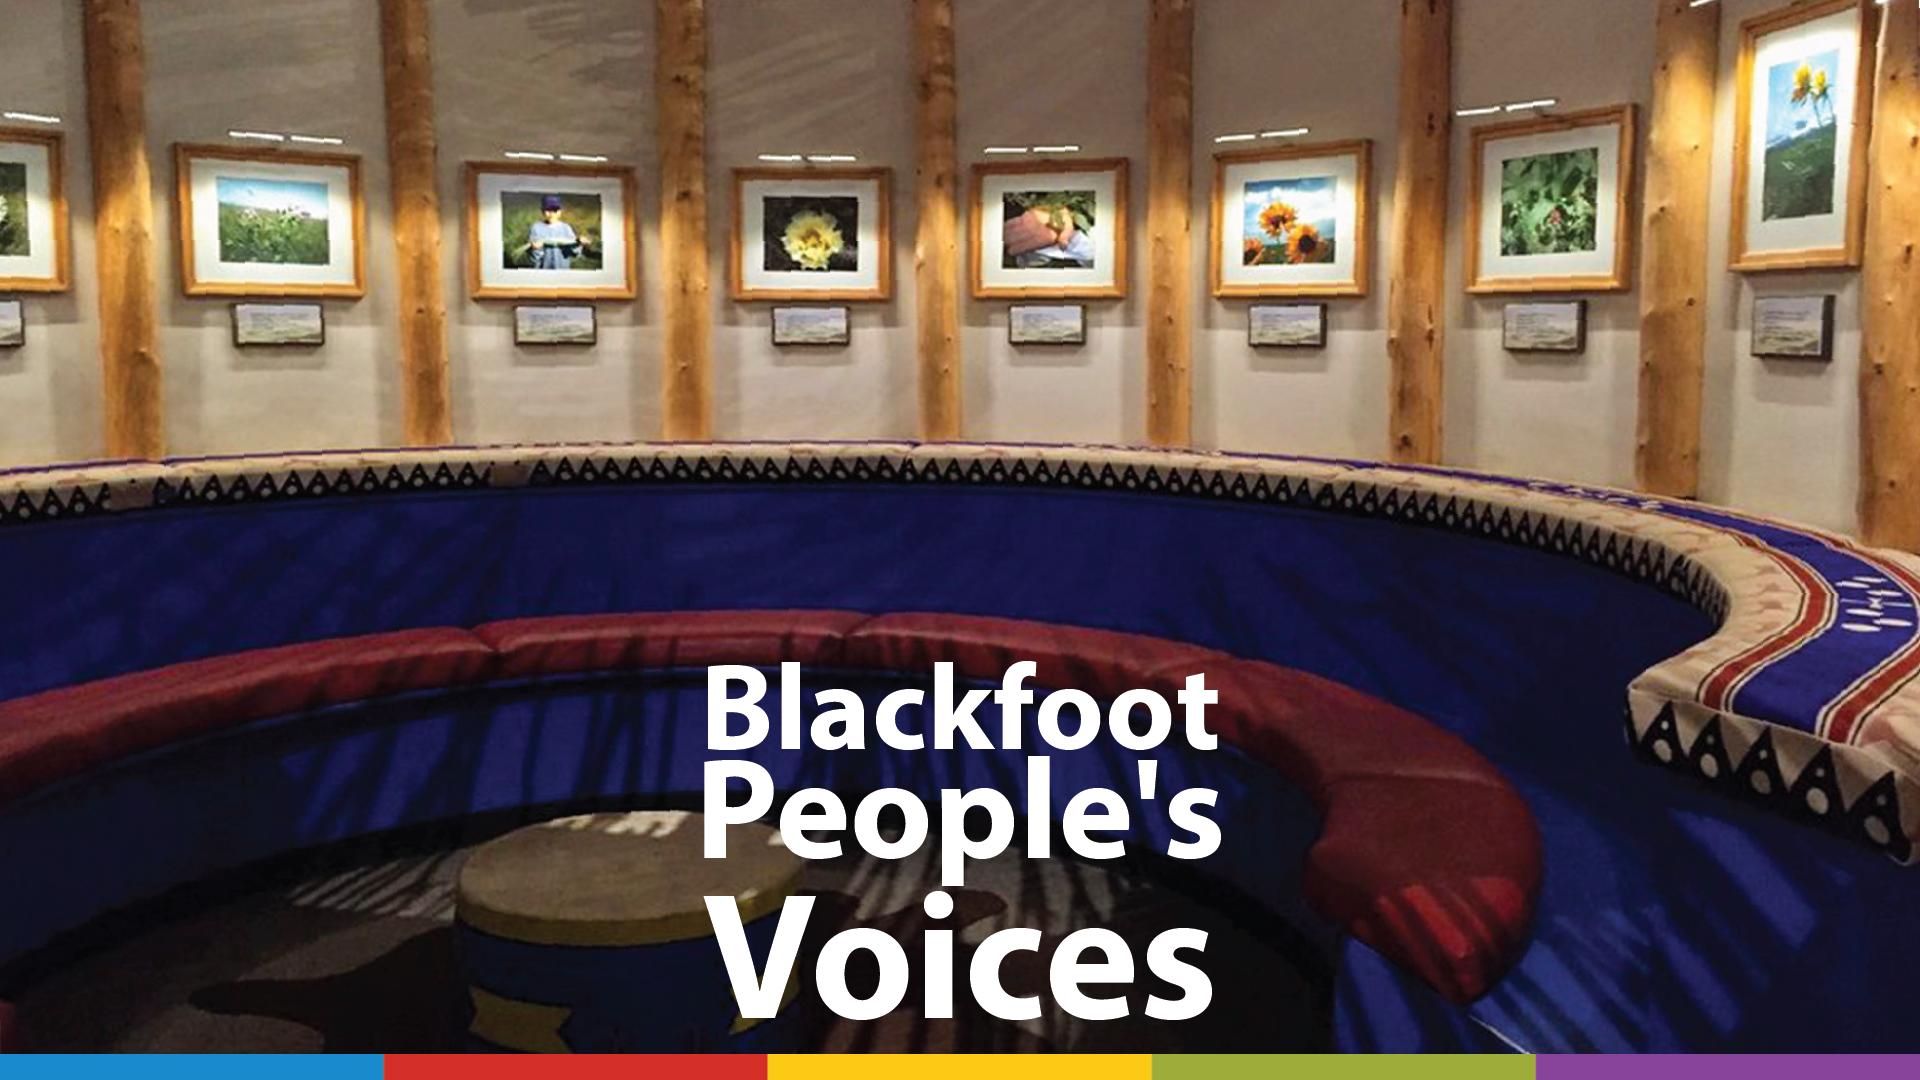 BlackfootPeopleEventBanner-01.png